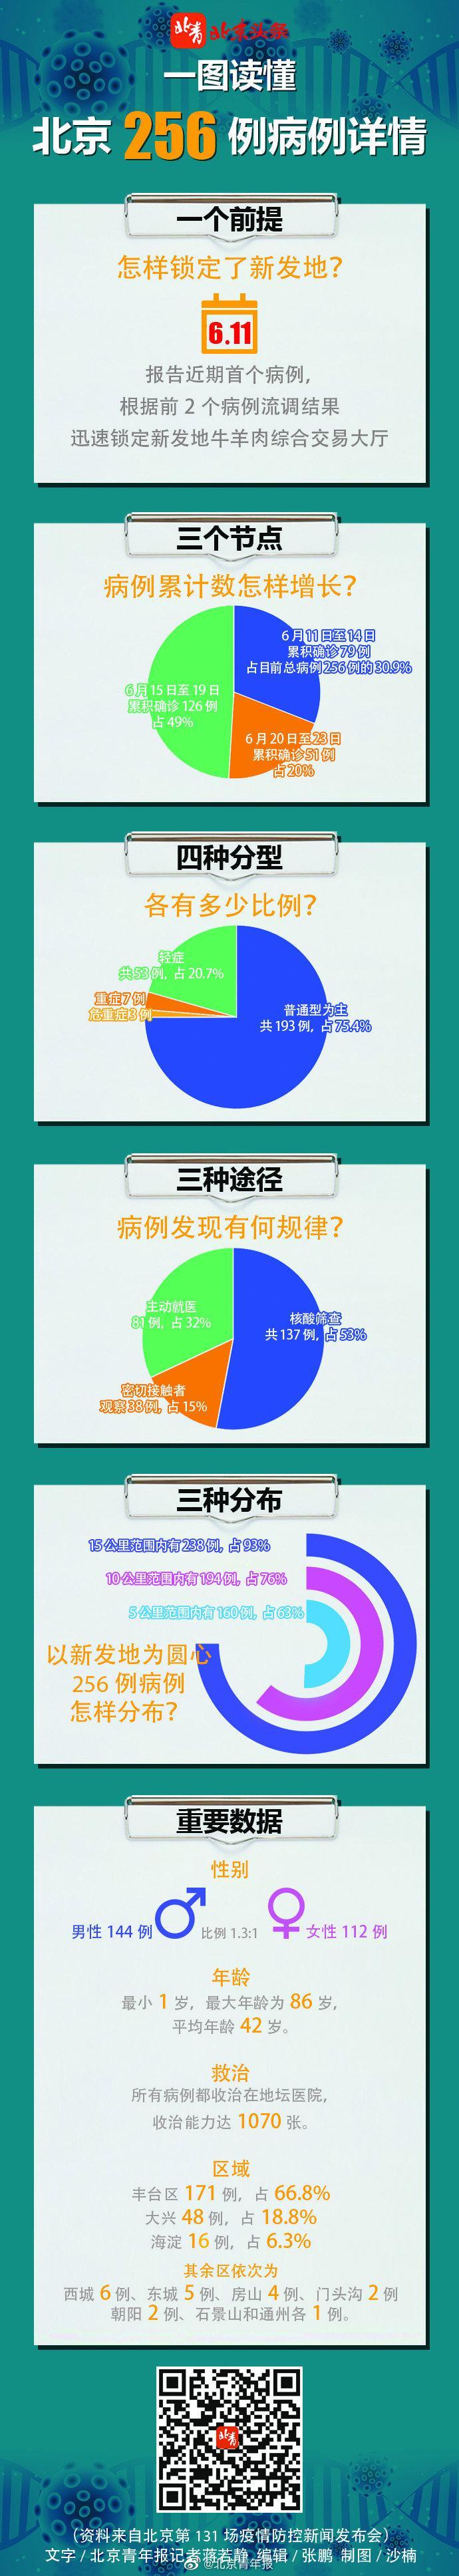 [摩天登录]读懂北京2摩天登录56例病图片